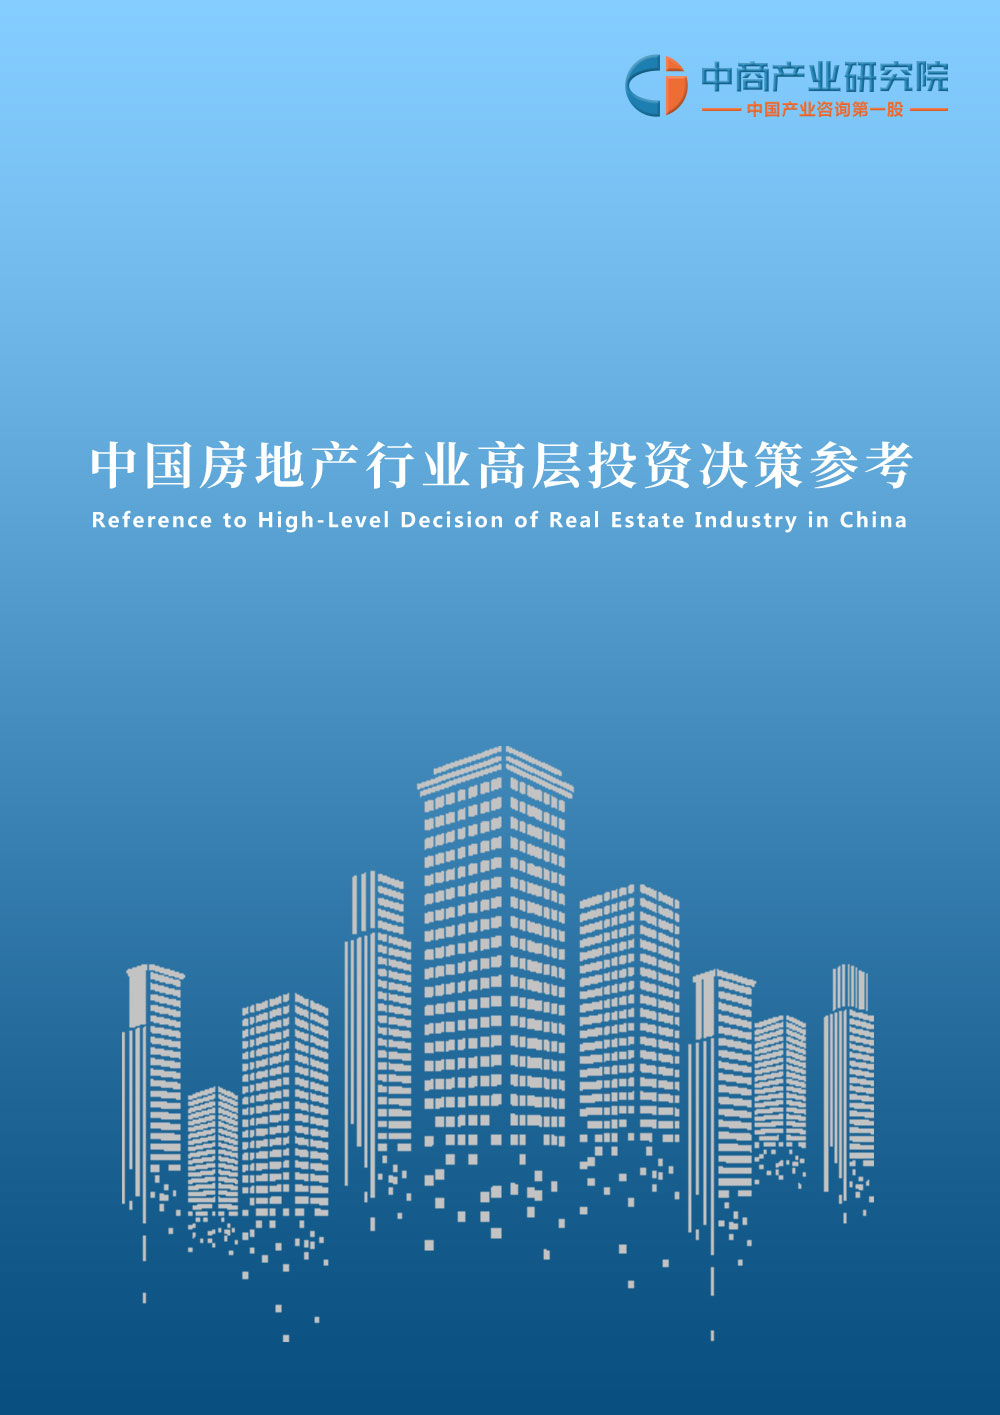 中国房地产行业高层投资决策参考(2019年10月)